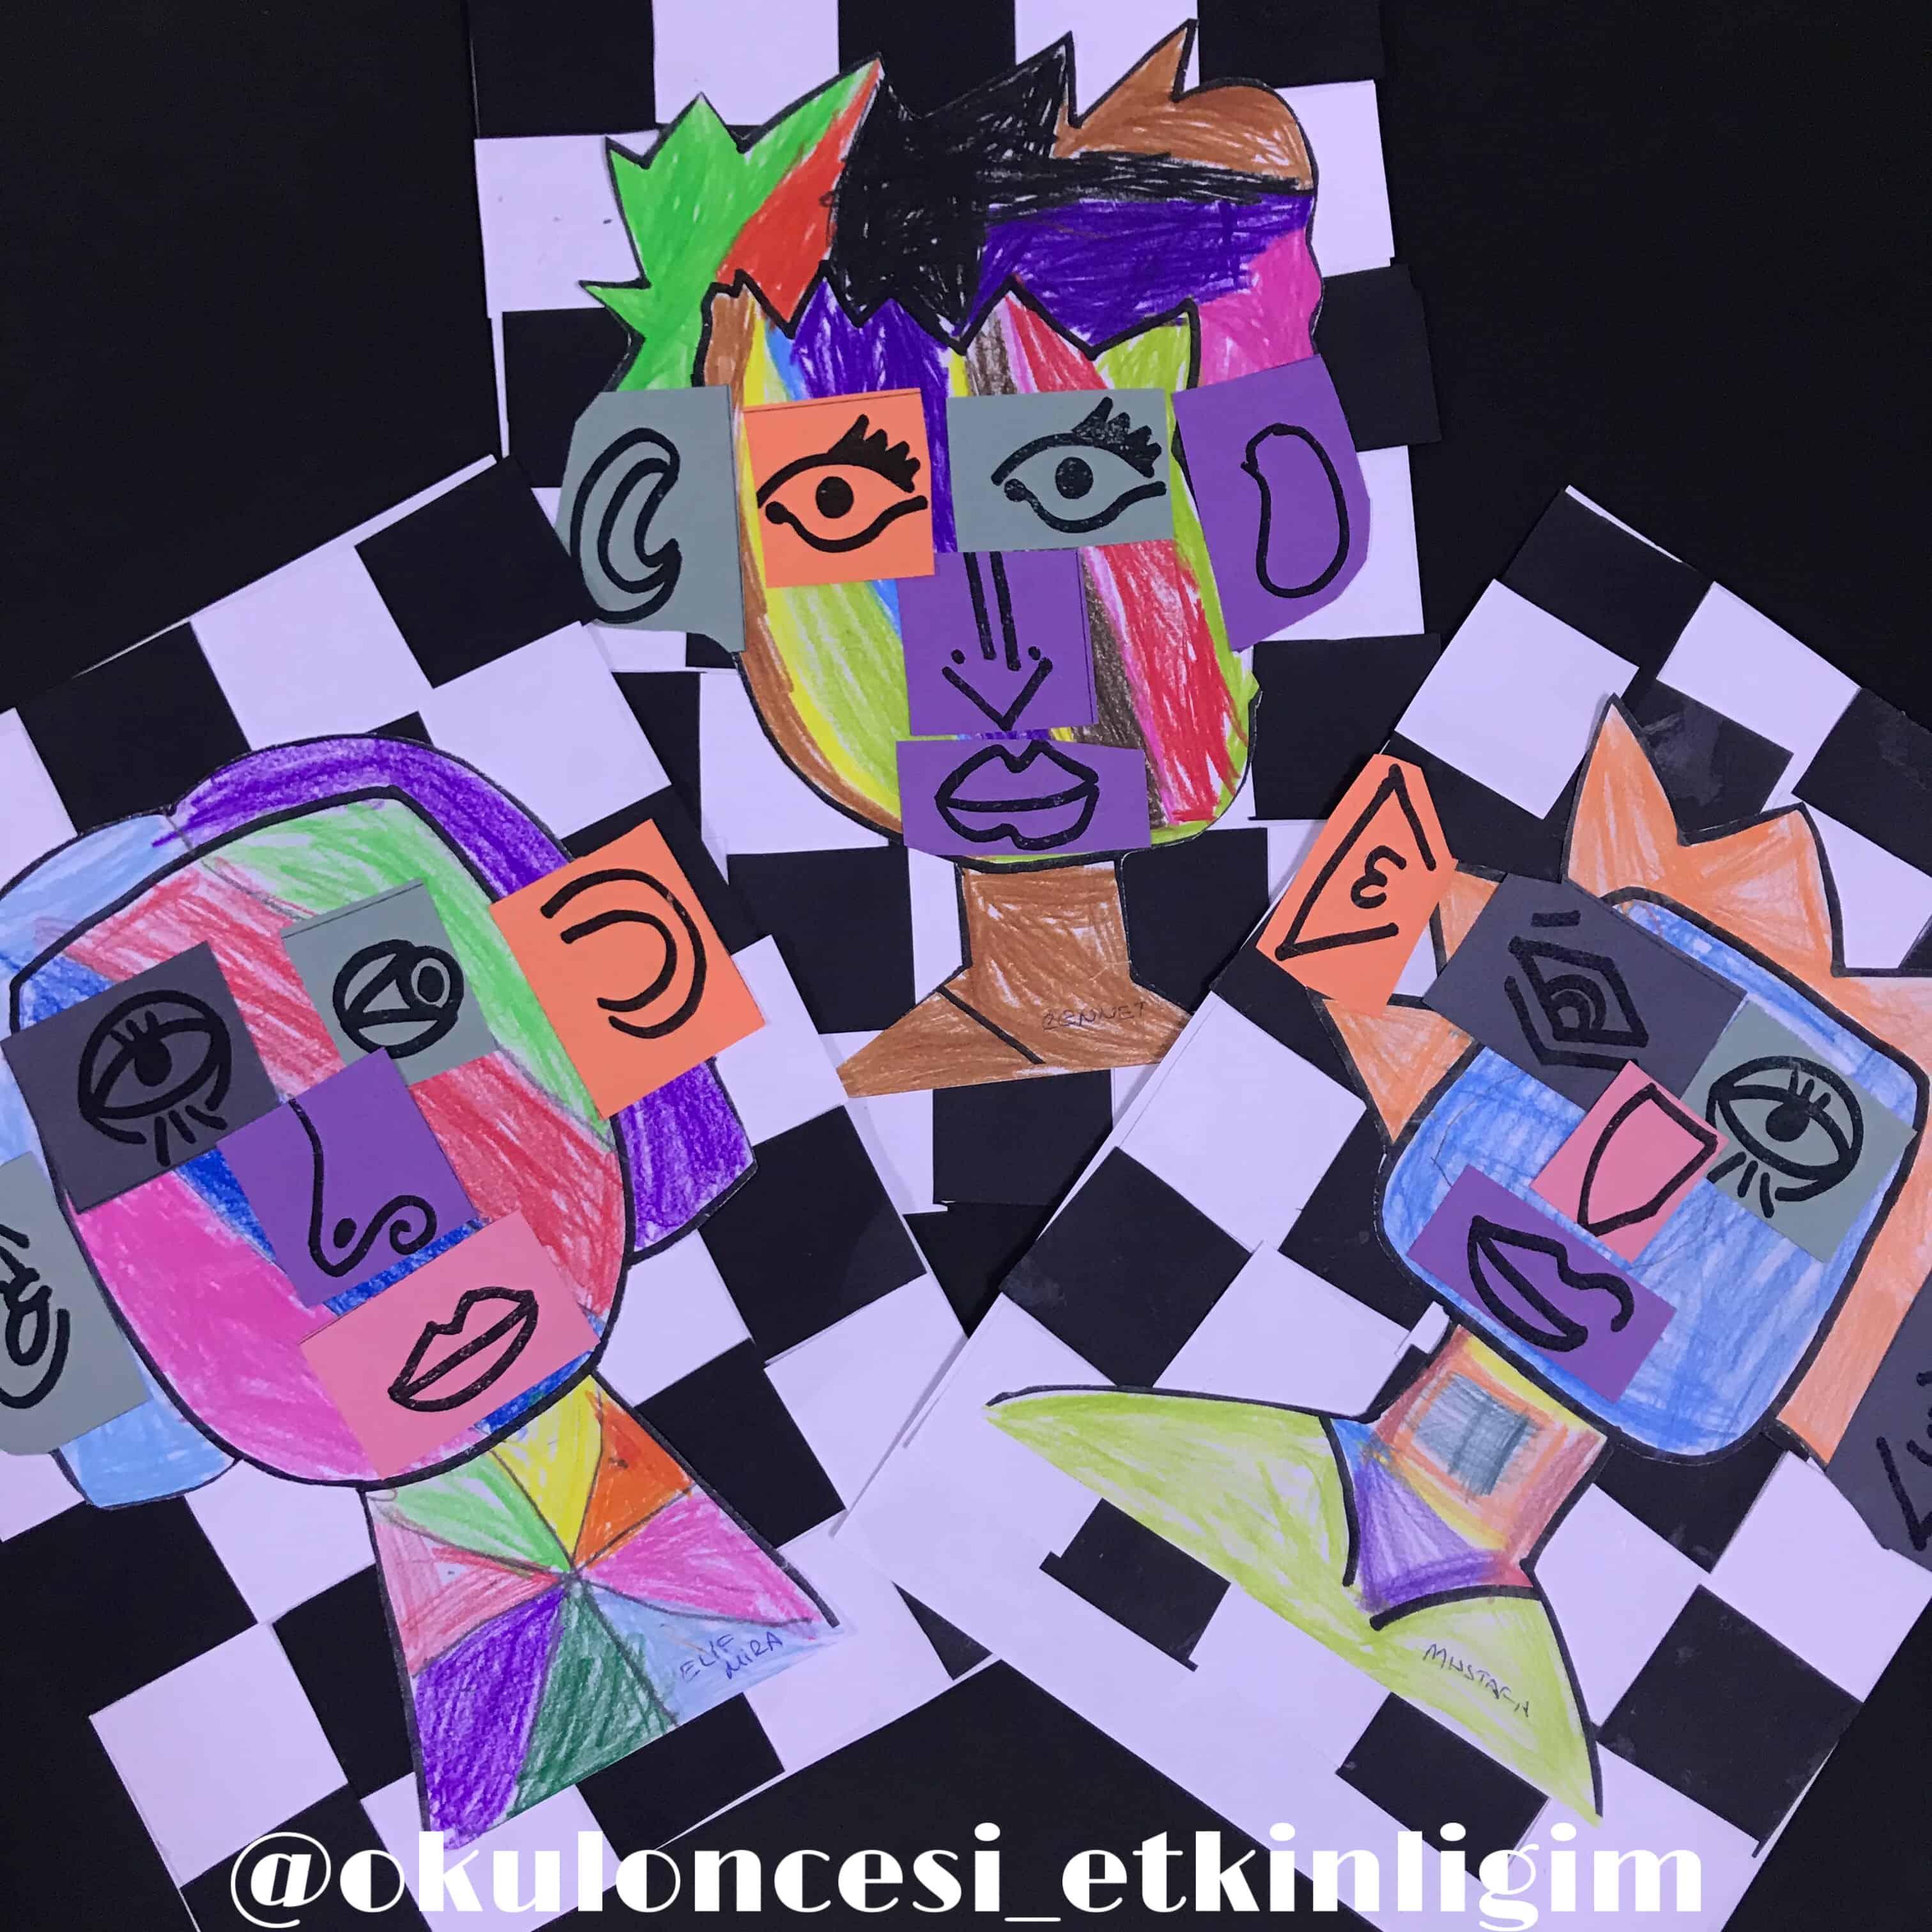 Sanat Etkinlikleri Okul Oncesi Etkinlikleri